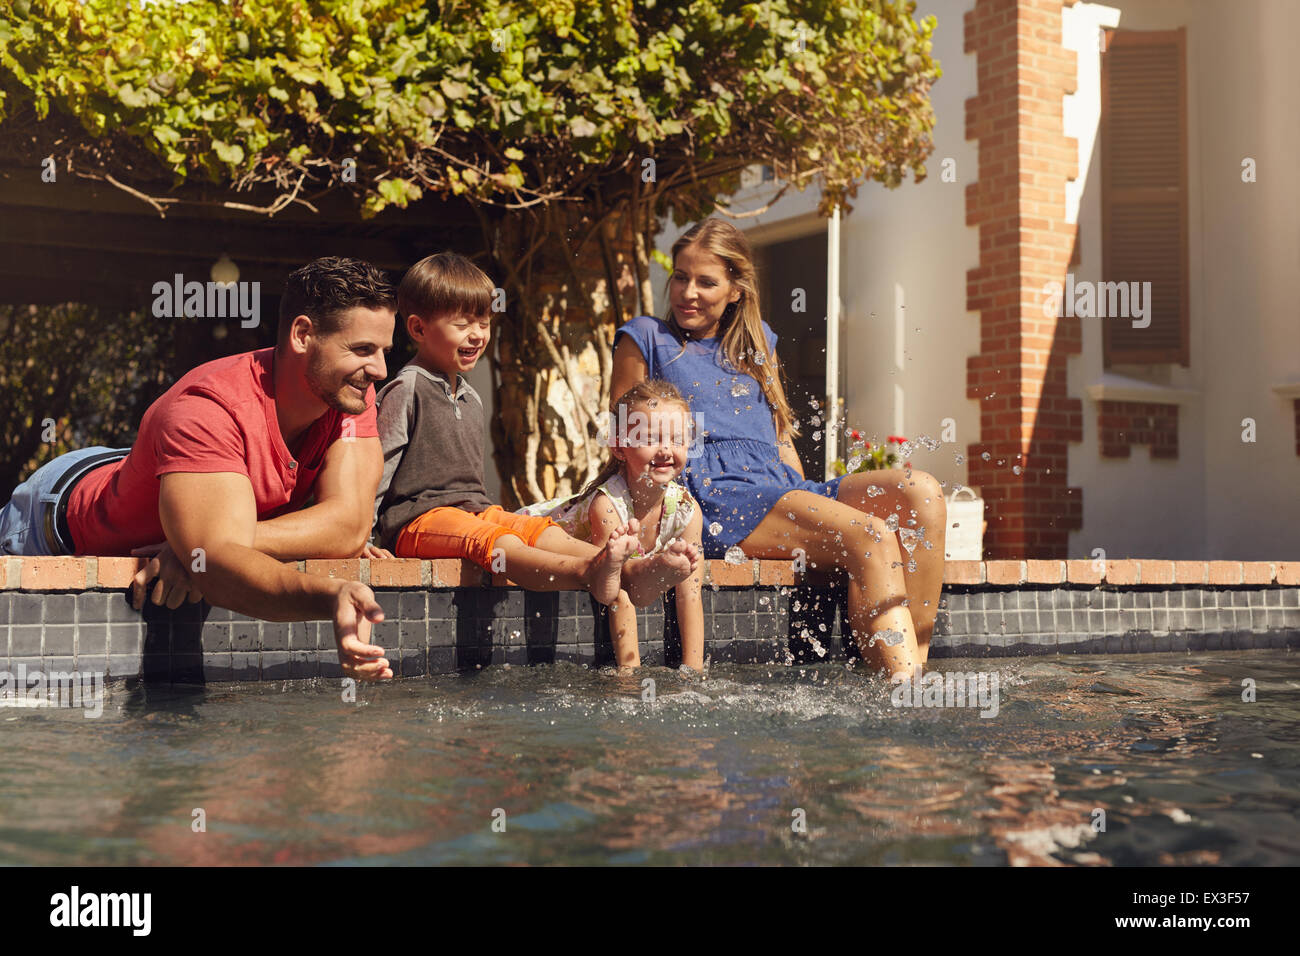 Tourné en extérieur de professionnels jeune famille les projections d'eau avec les mains et les jambes Photo Stock